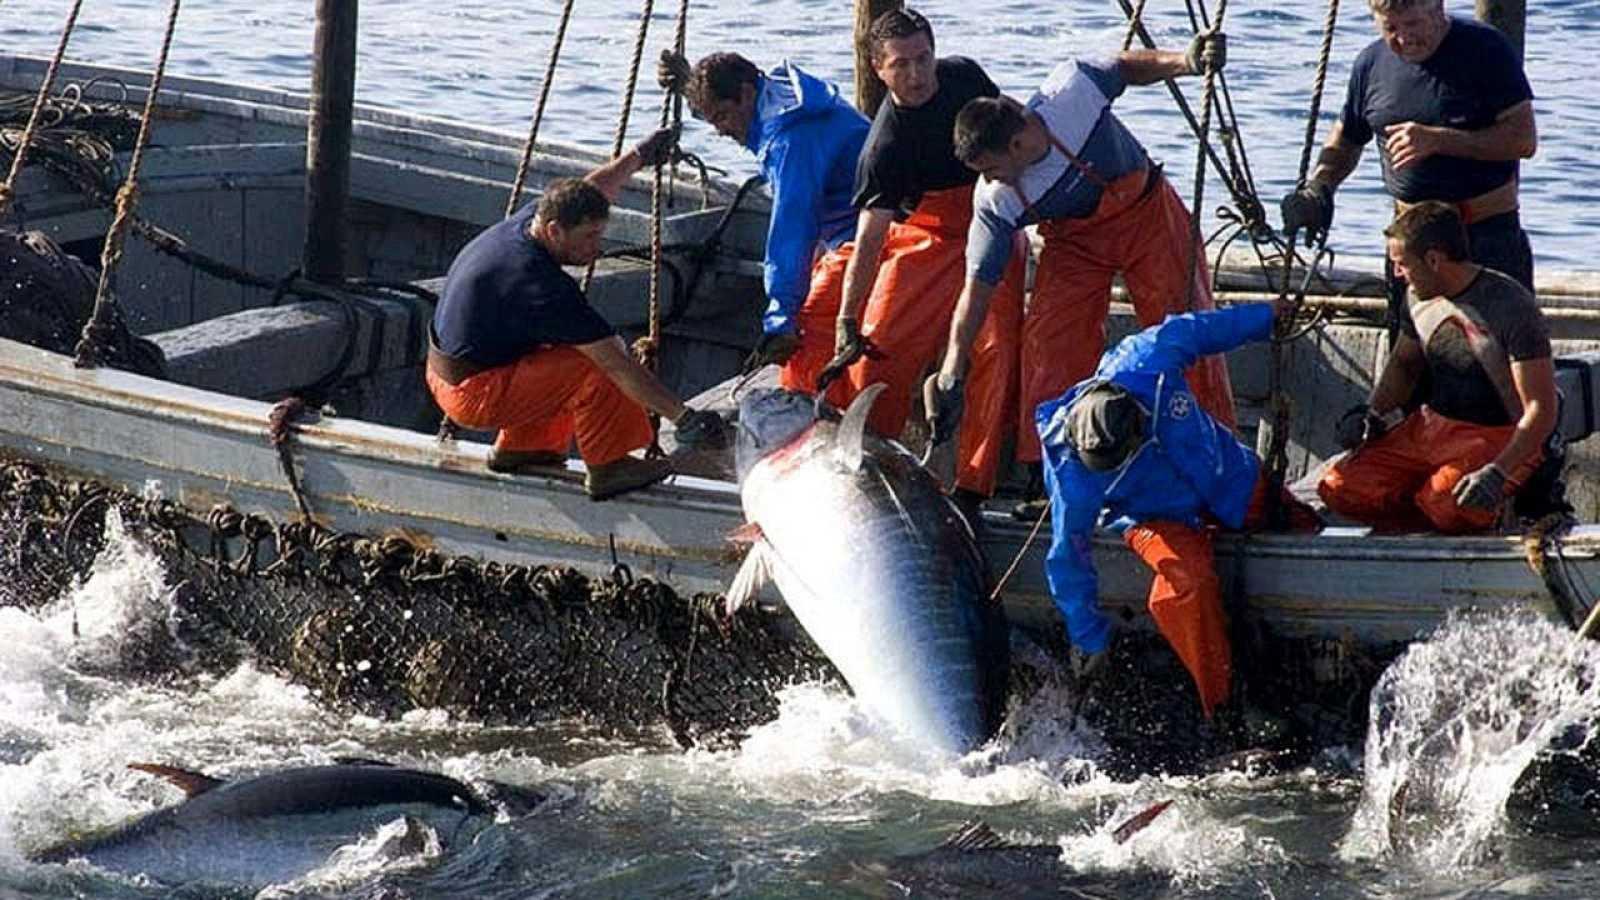 Pesca de atún mediante el procedimiento milenario de la almadraba, en aguas de Cádiz.